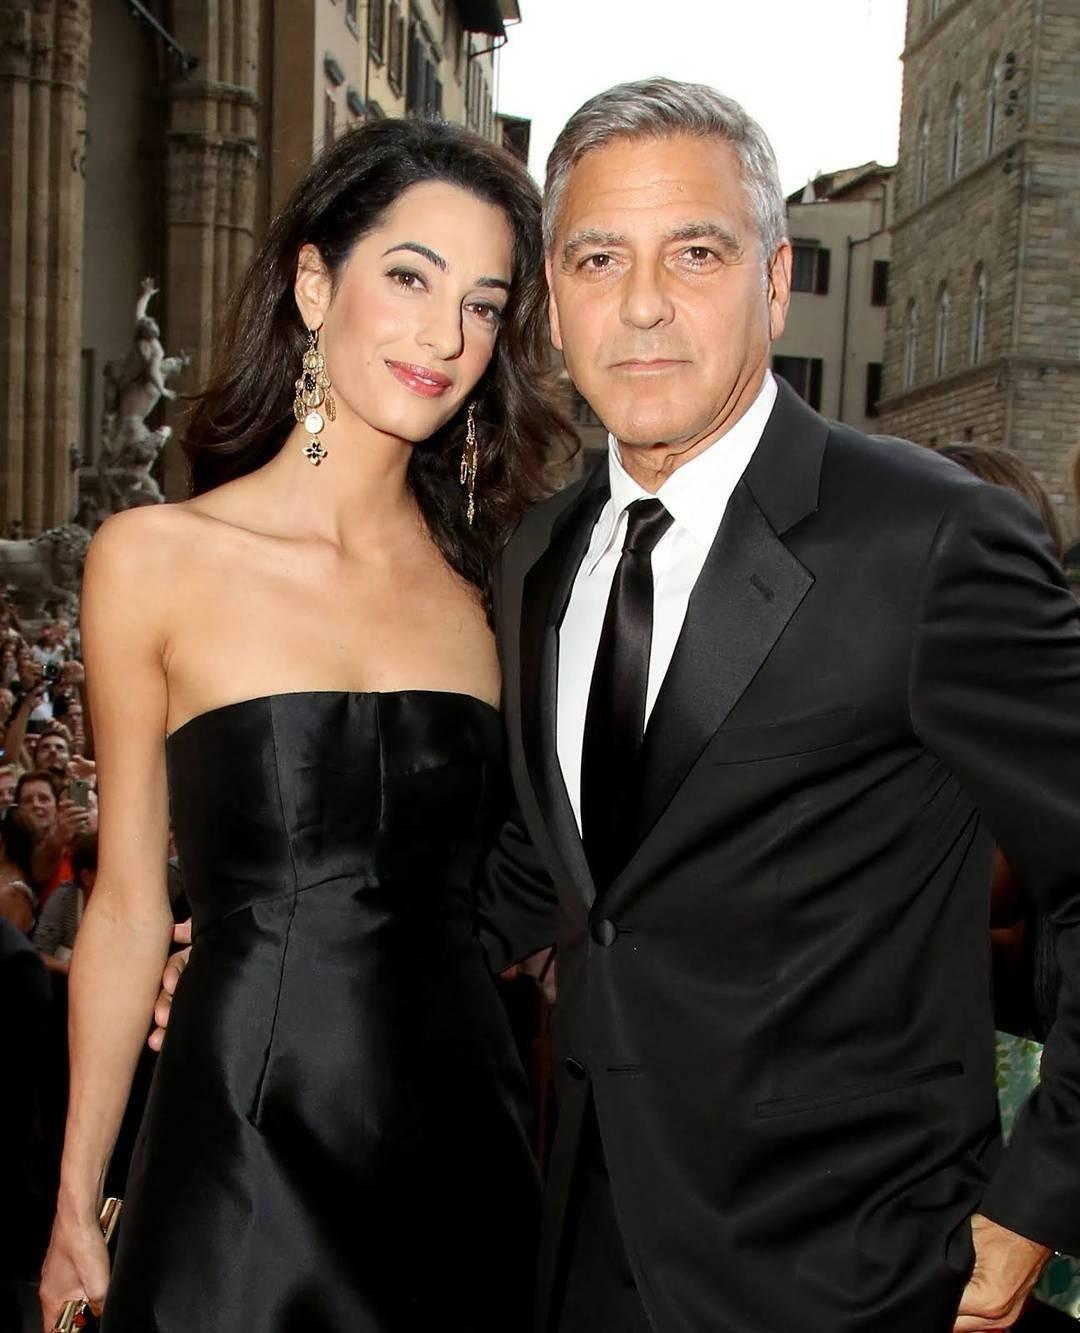 Первое время актер с необычайным трепетом и заботой нянчил малышей, во всем старался помогать своей супруге. По ночам Клуни сам бегал менять памперсы детям, кормить их и укачивать, только...